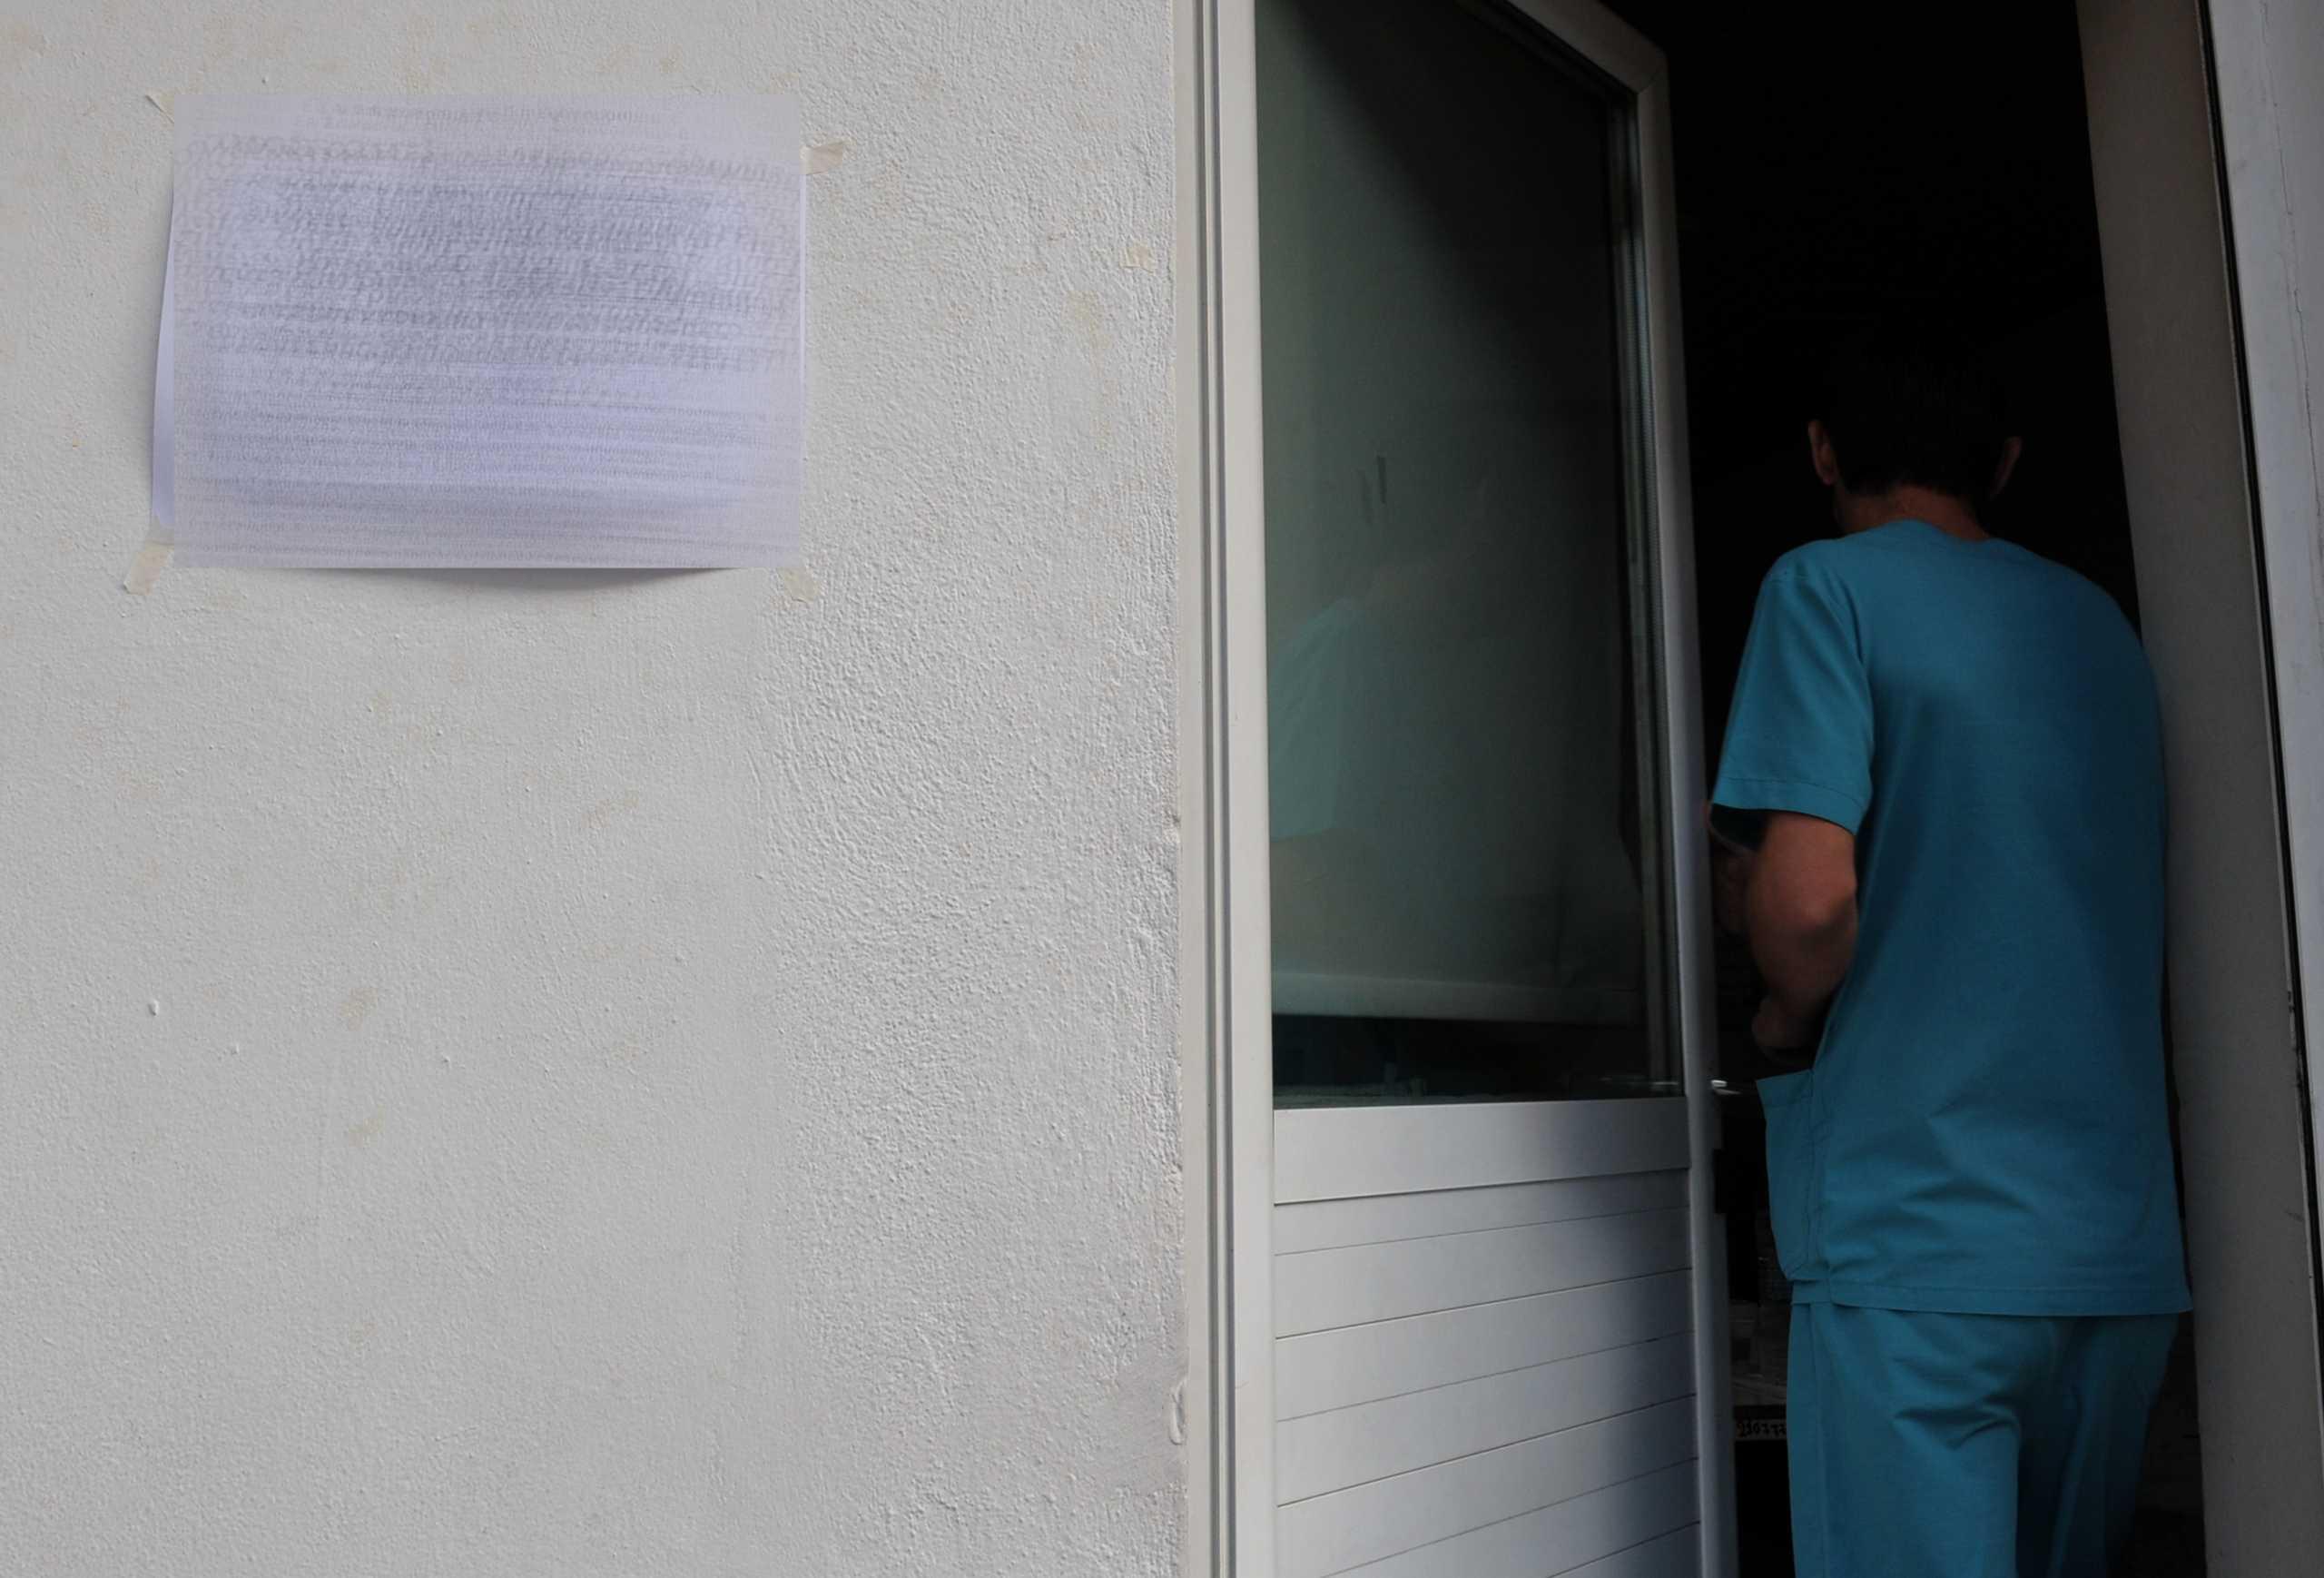 Στην εντατική με κορονοϊό ανεμβολίαστη μικροβιολόγος που εργάζεται σε νοσοκομείο της Κρήτης